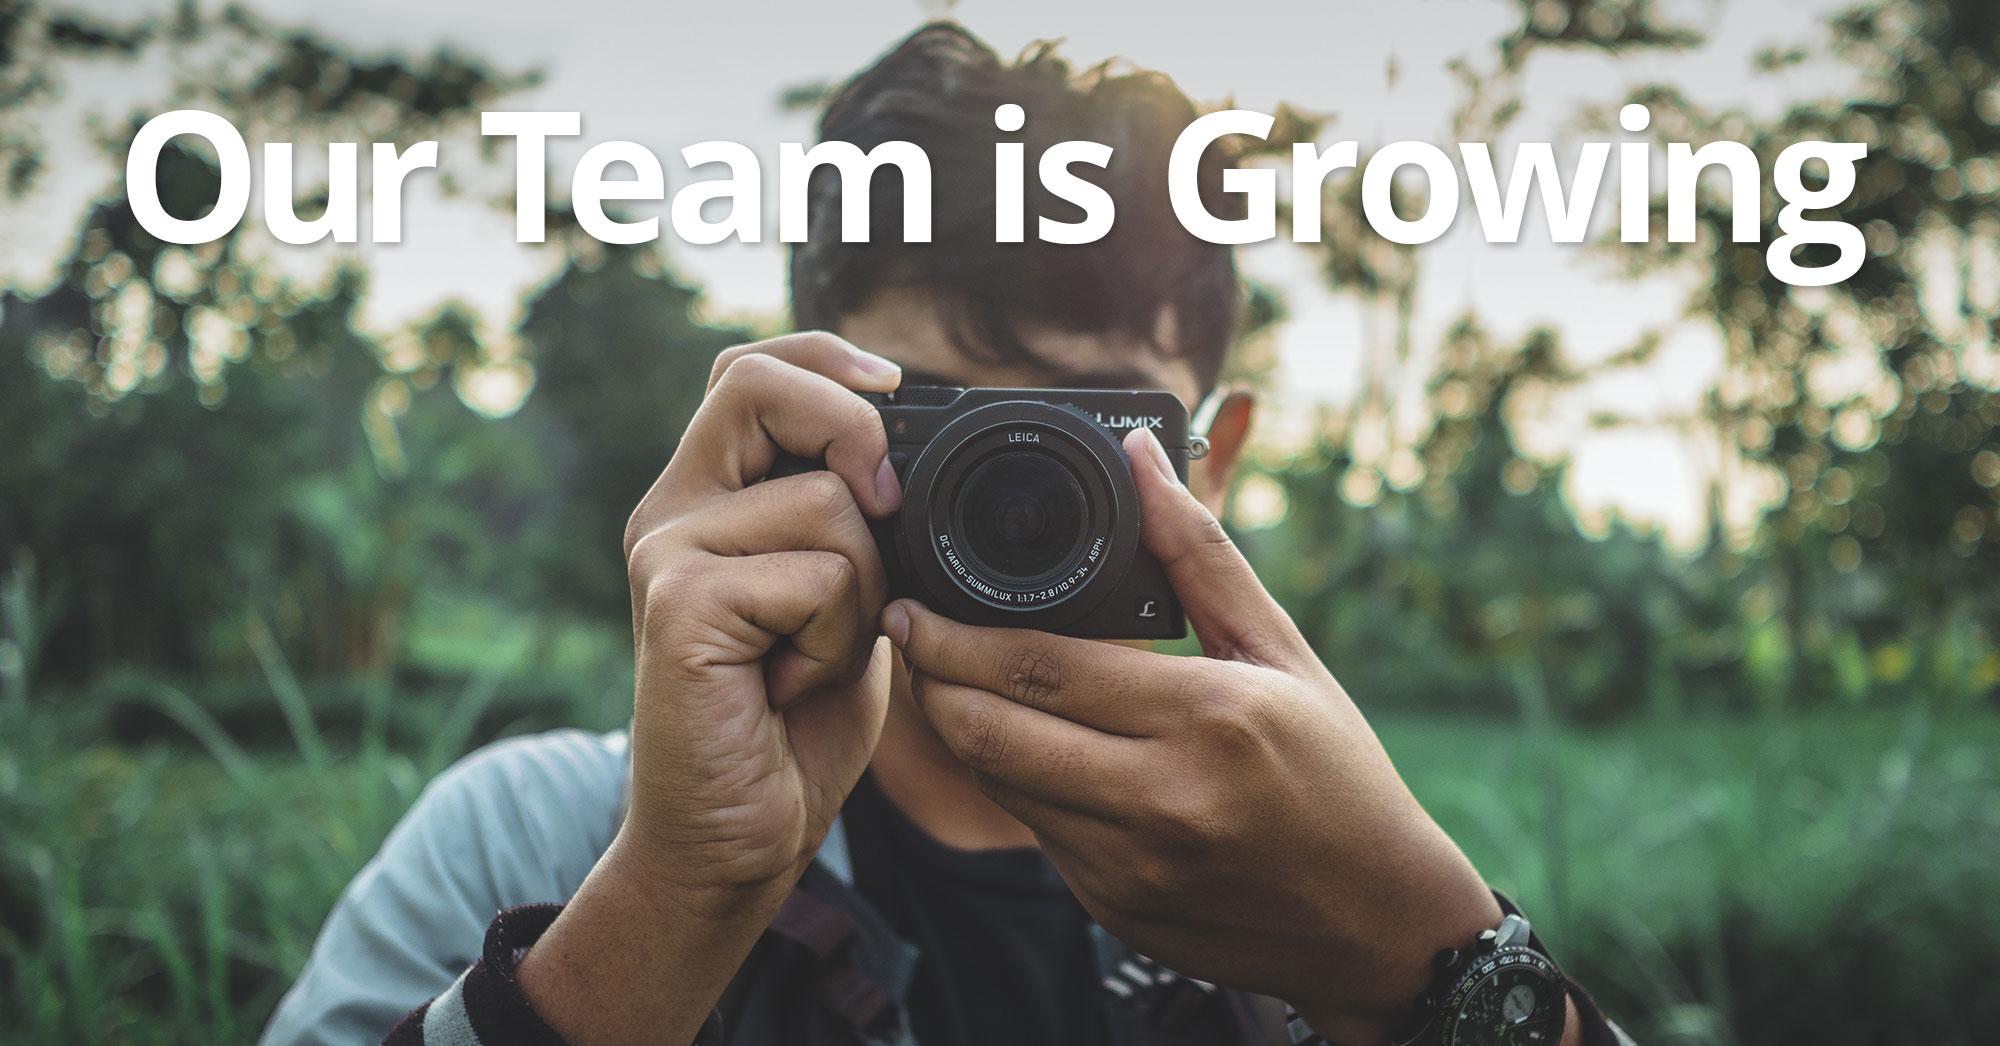 ourteamisgrowing.jpg